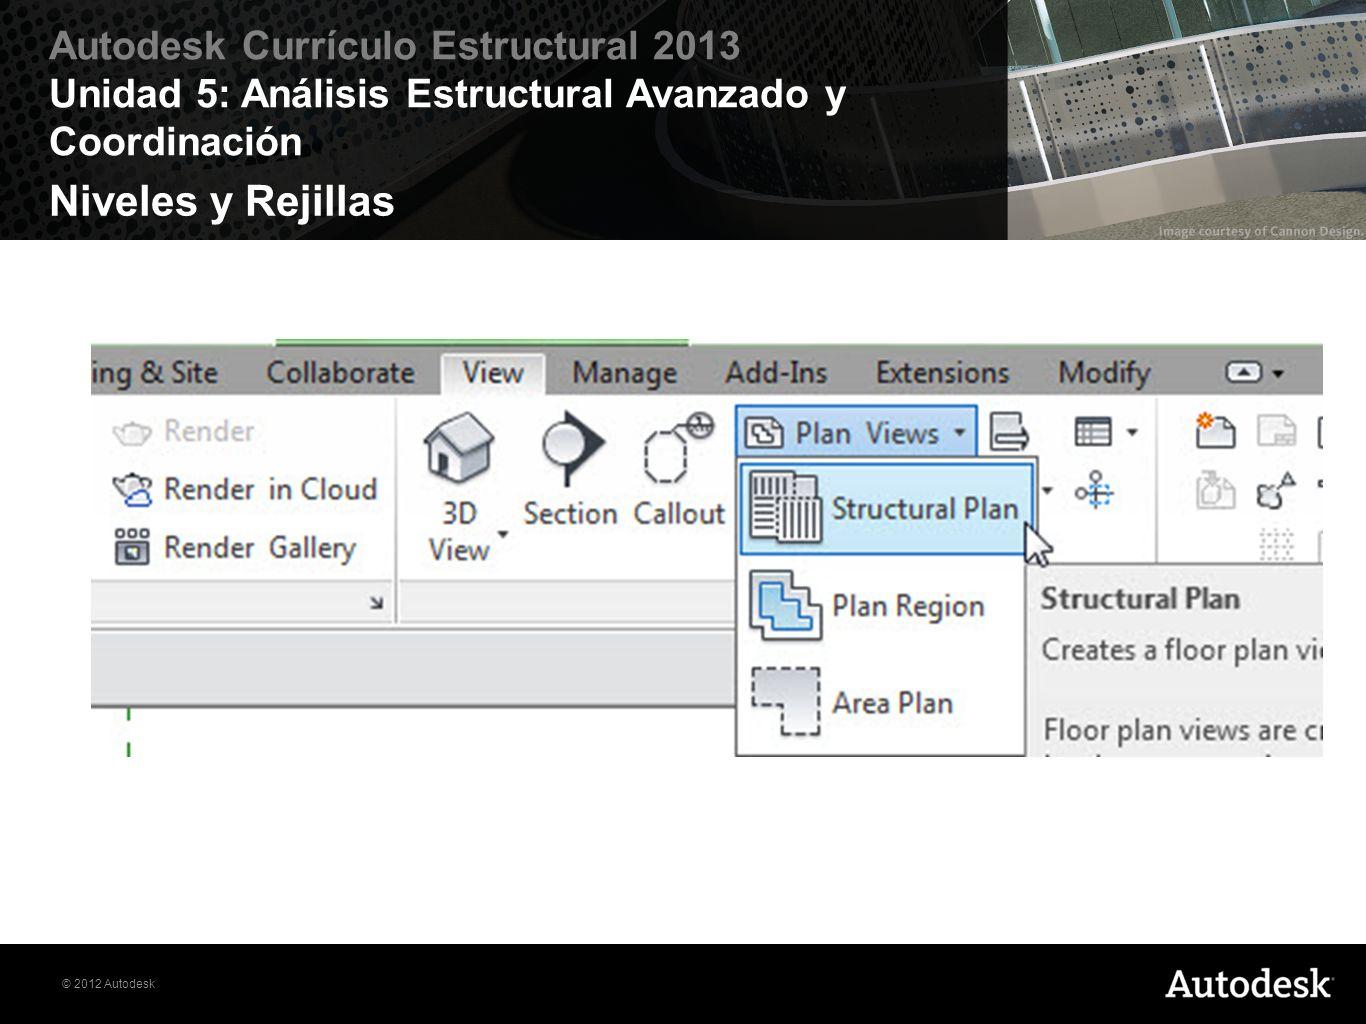 © 2012 Autodesk Autodesk Currículo Estructural 2013 Unidad 5: Análisis Estructural Avanzado y Coordinación Comprobación de interferencias